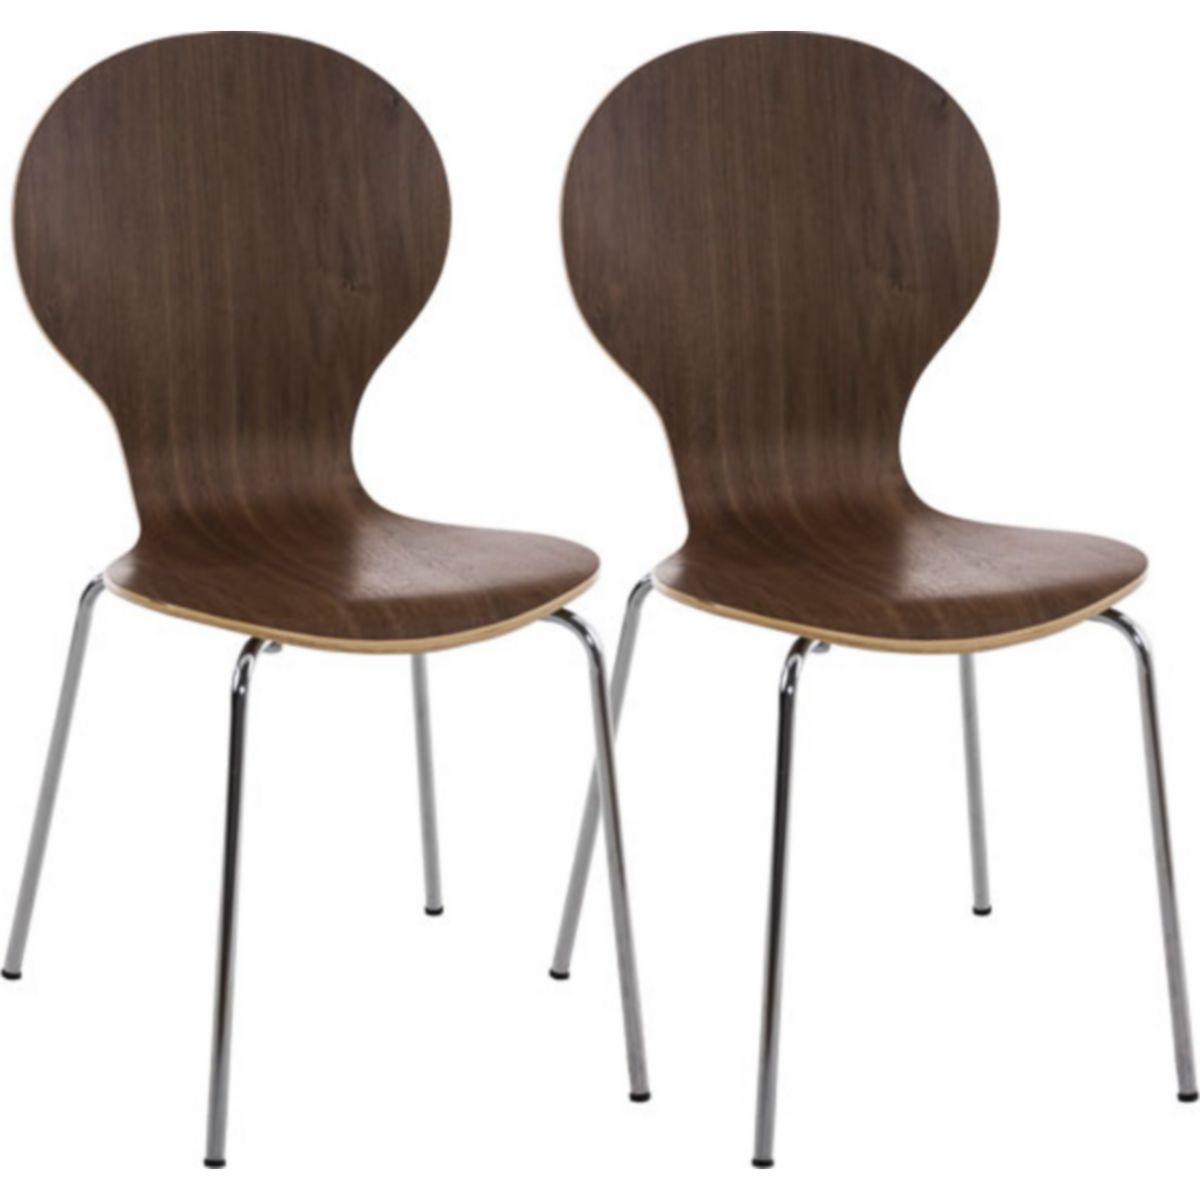 2x robuster und pflegeleichter Stapelstuhl DIEGO mit Holzsitz & ergonomisch geformter Sitzfläche, bis zu 12 Farben wählbar jetztbilligerkaufen